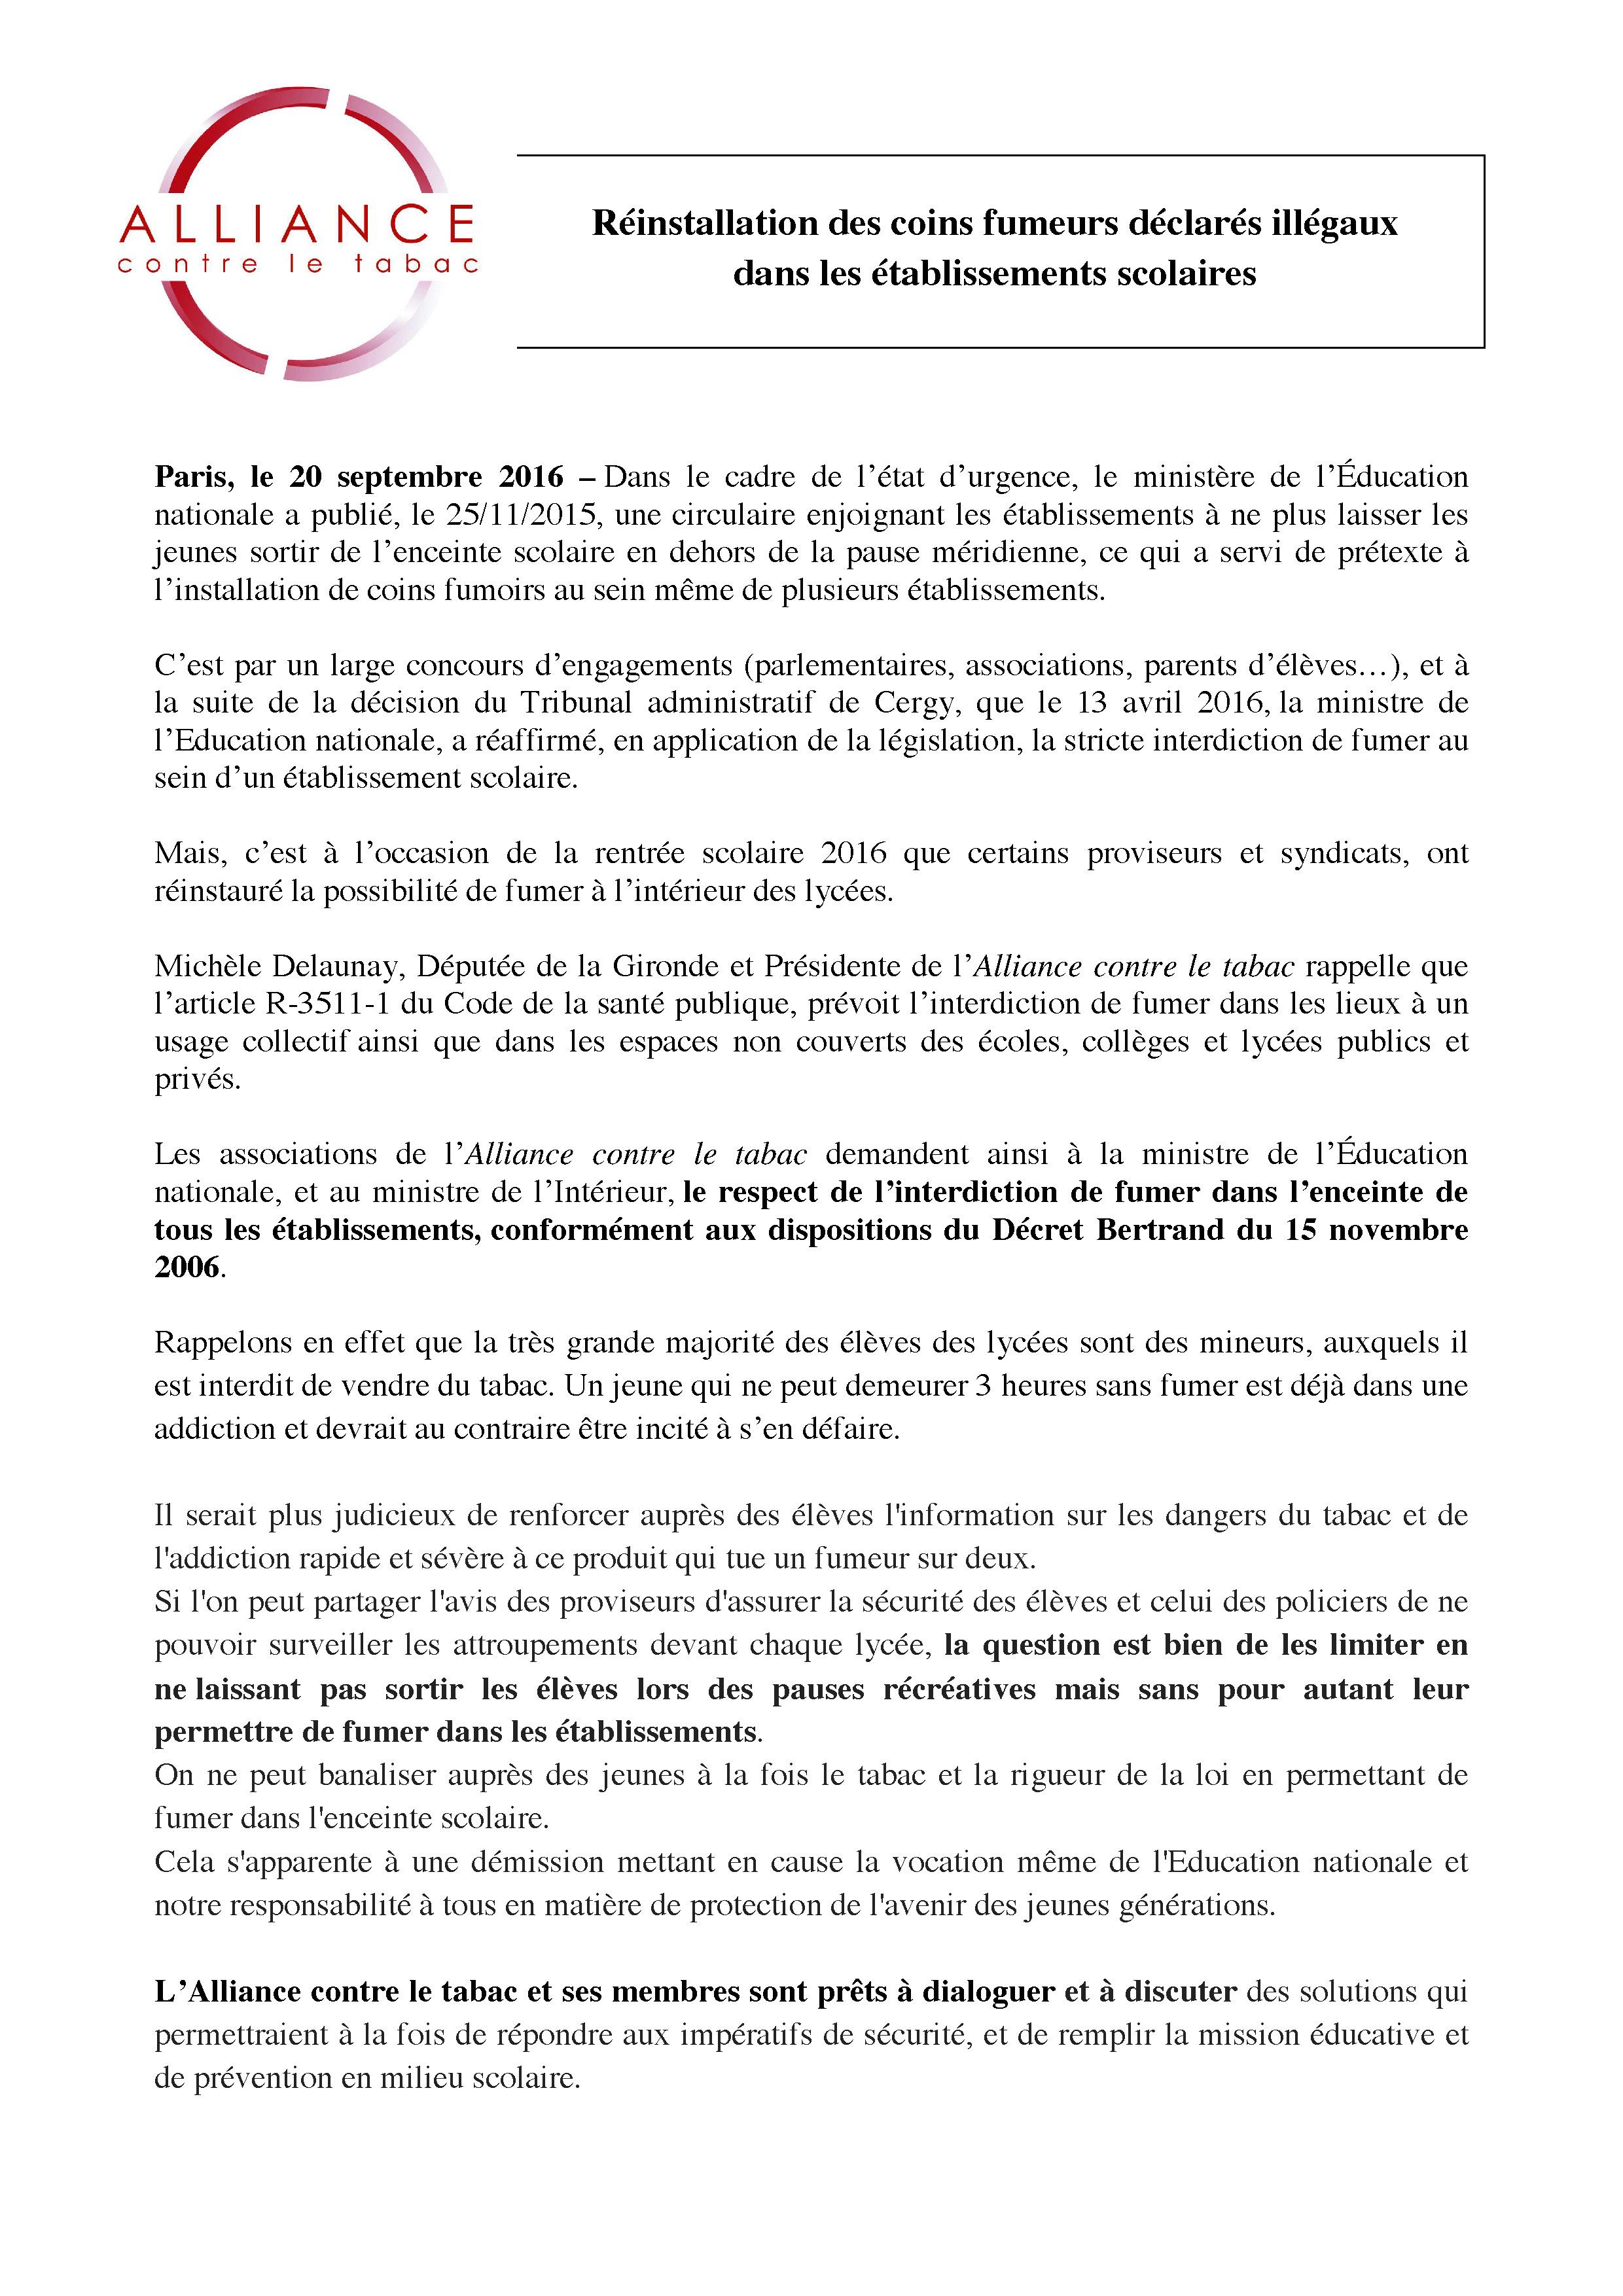 Alliance-CP_reinstallation-des-coins-fumeurs-declares-illegaux-dans-les-etablissements-scolaires-20sept2016_Page_1.jpg